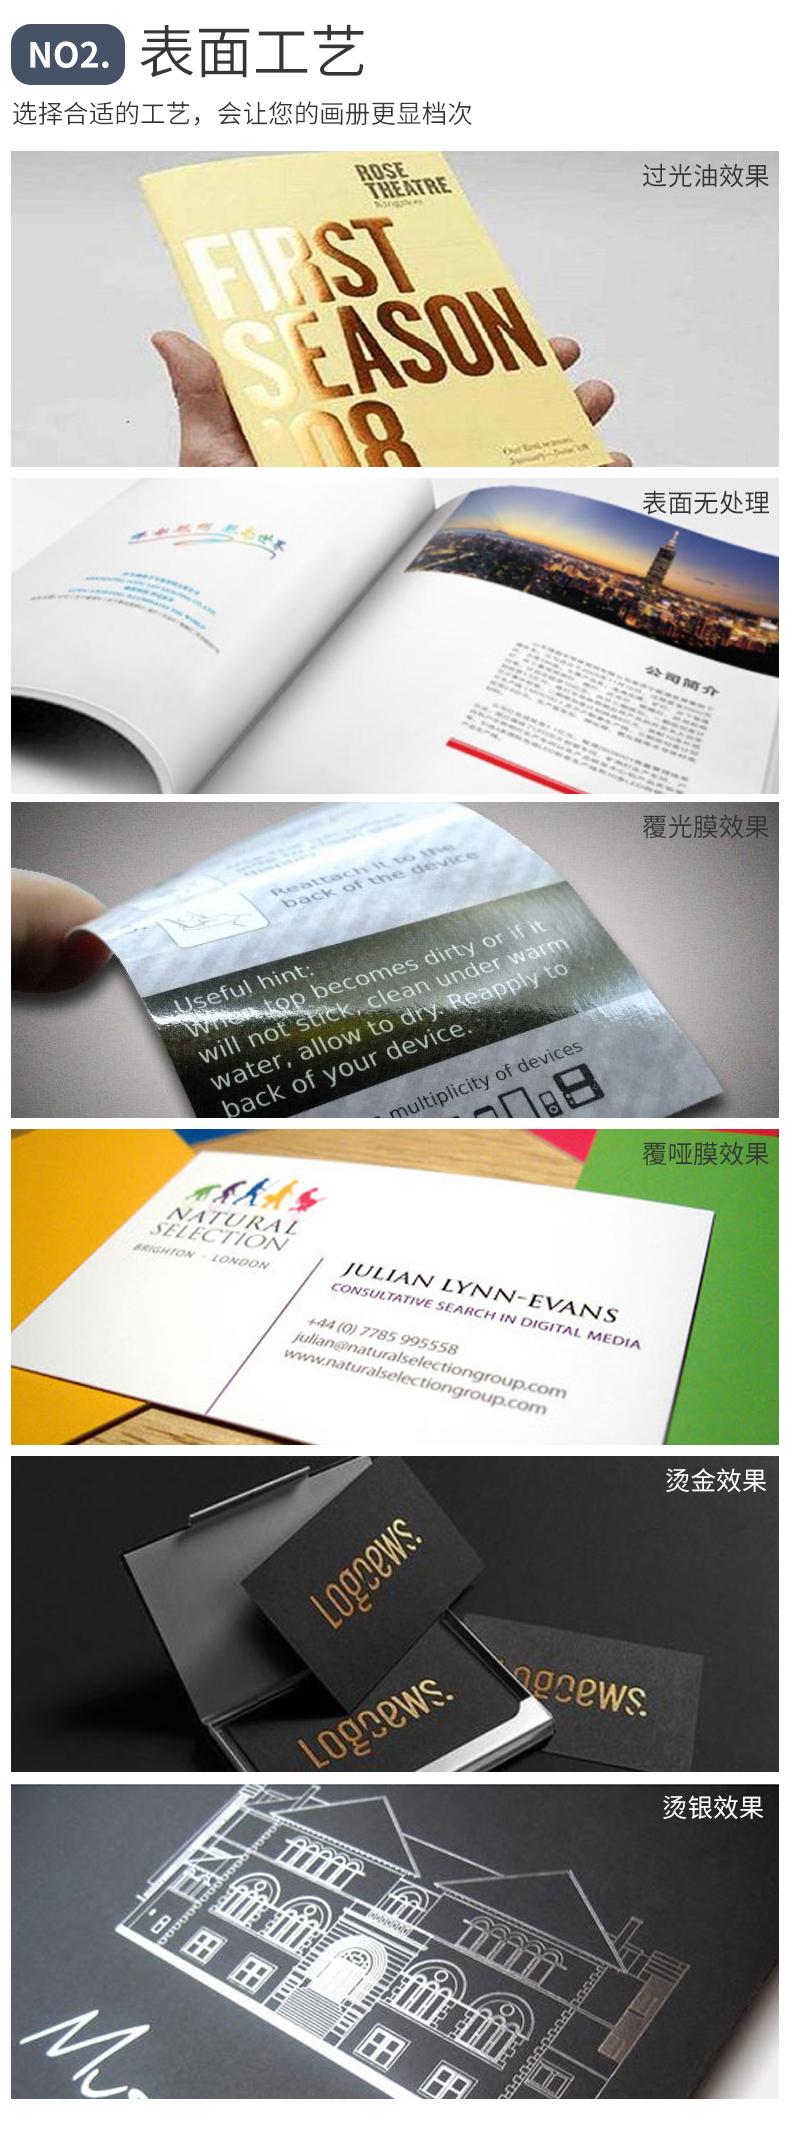 大连印刷、大连图文快印、大连印刷厂、大连喷绘制作、大连喷绘公司、大连平面设计、大连画册设计、大连牌匾灯箱、大连胶装